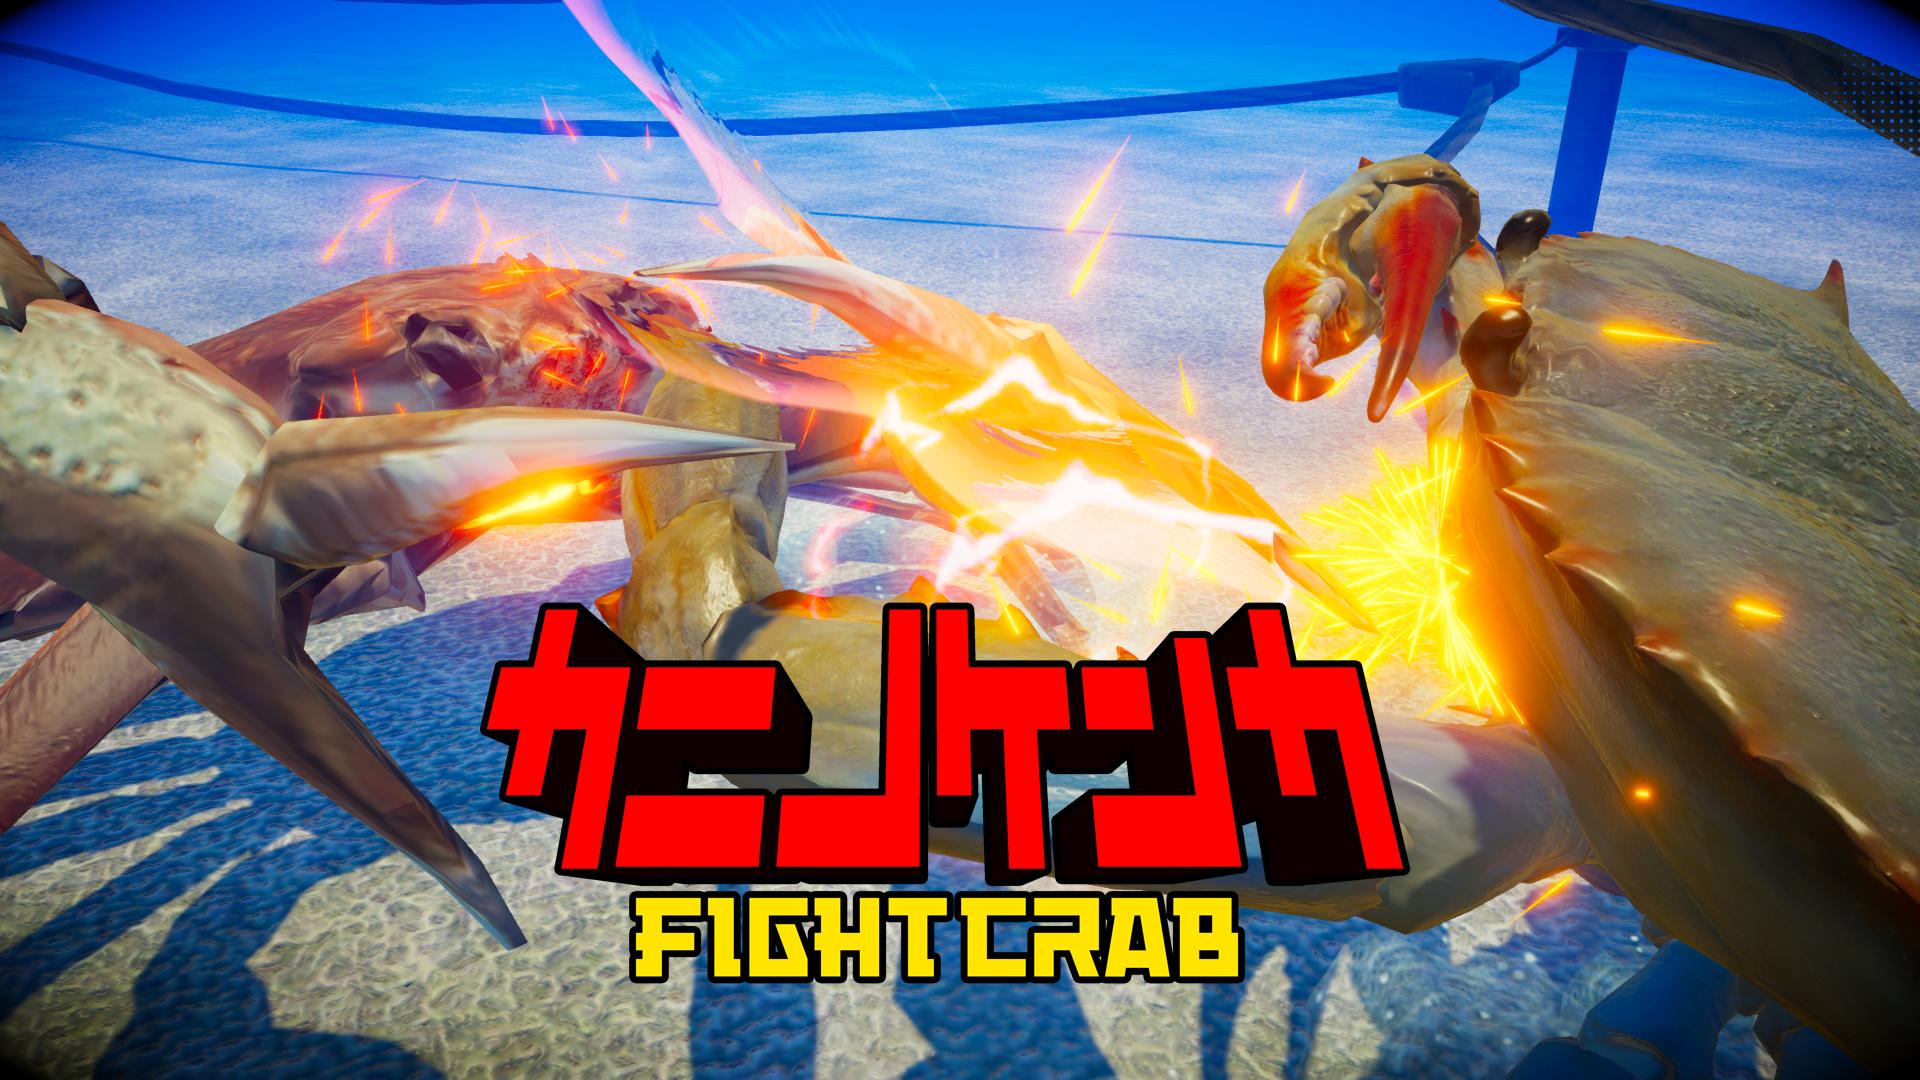 『カニノケンカ - Fight Crab -』by カラッパゲームス合同会社